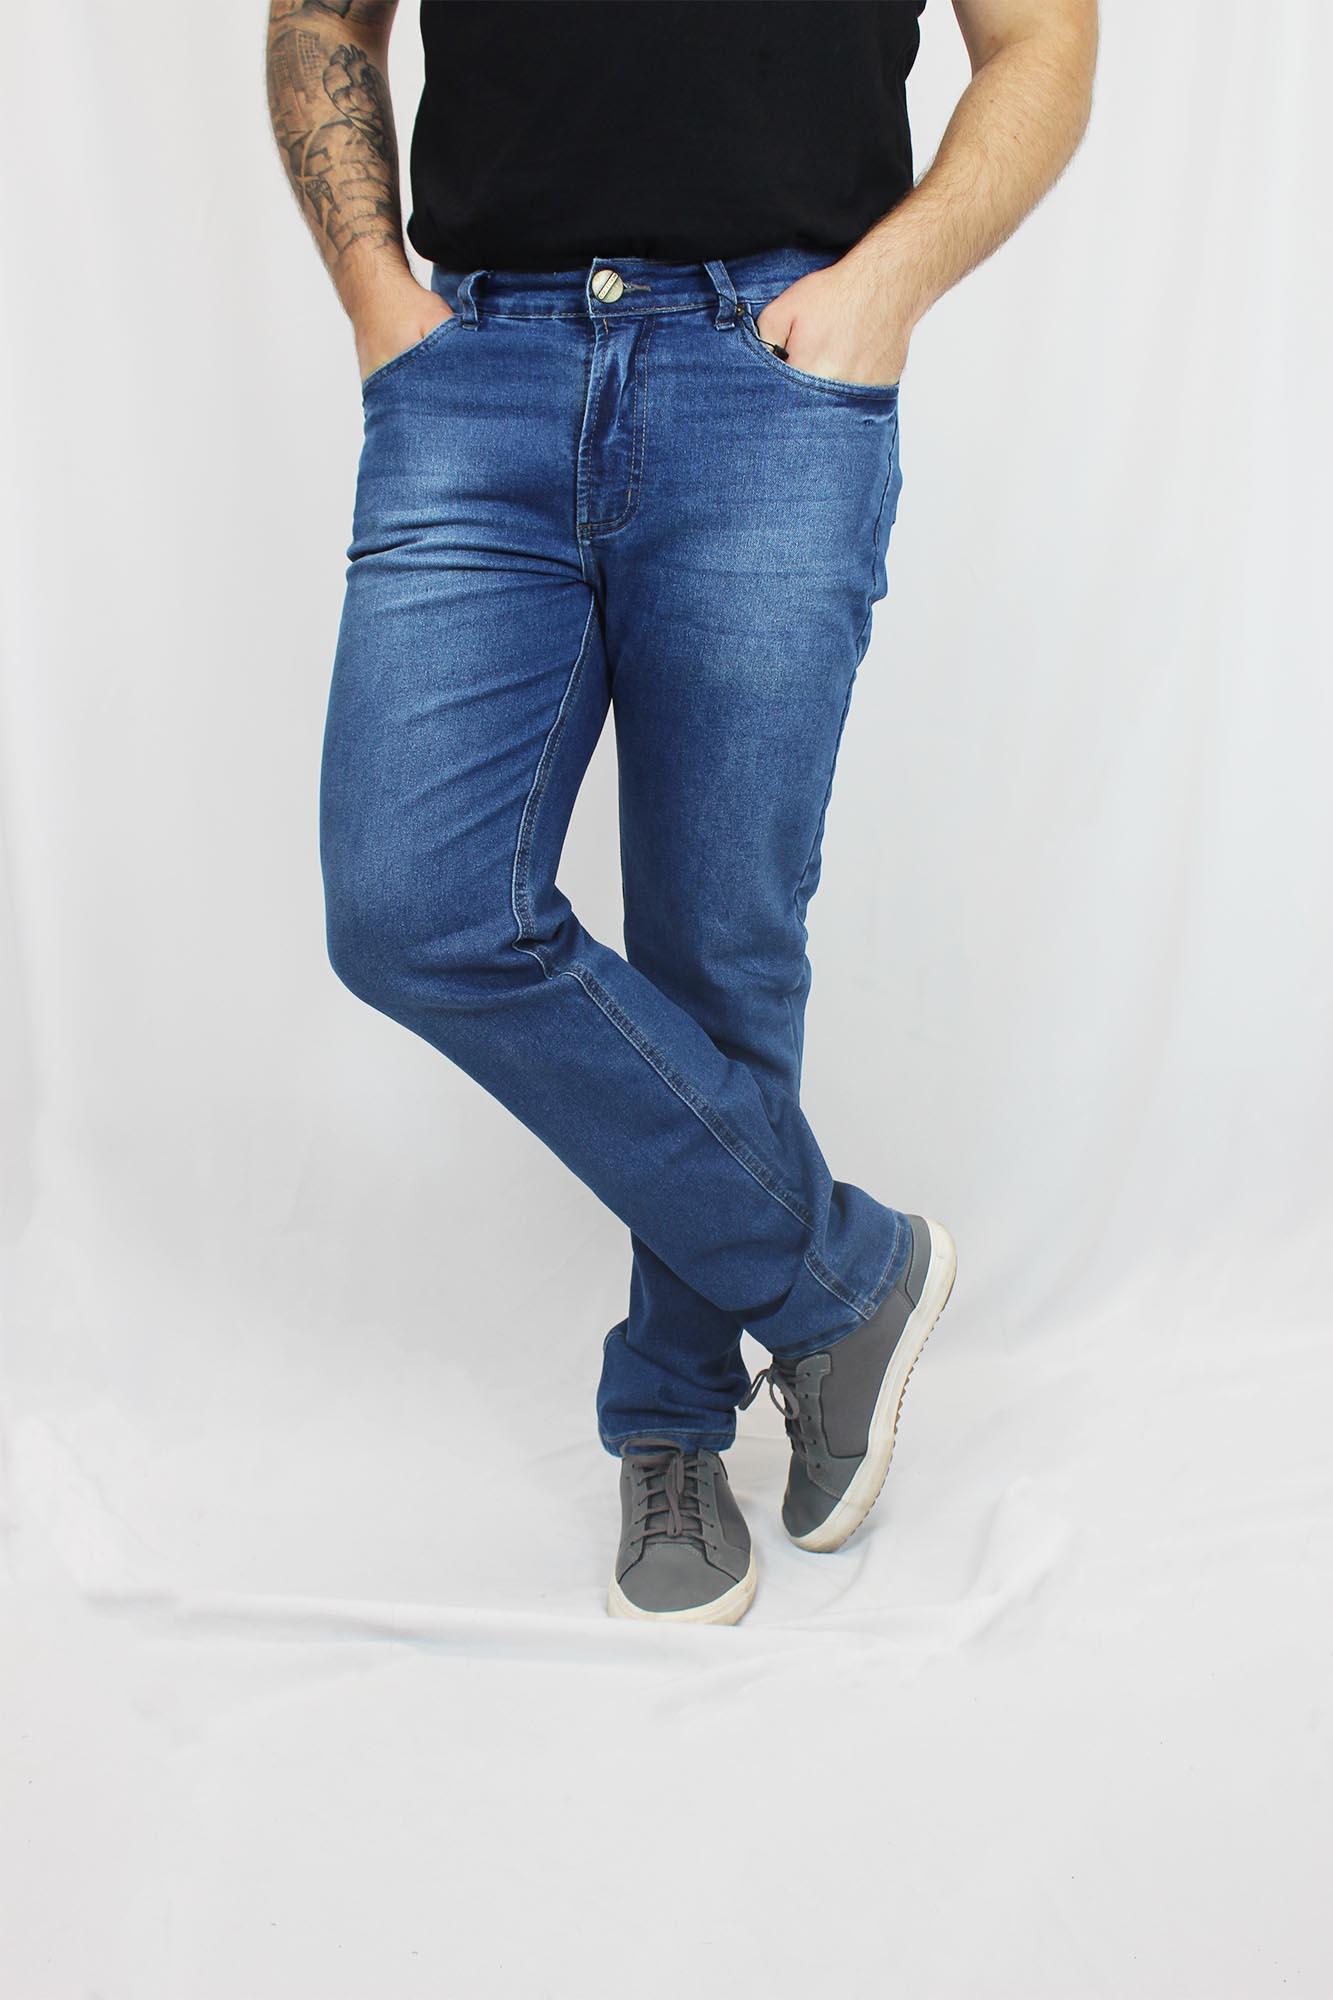 Calça Jeans Slim com Elastano Estonada Masculina - Azul